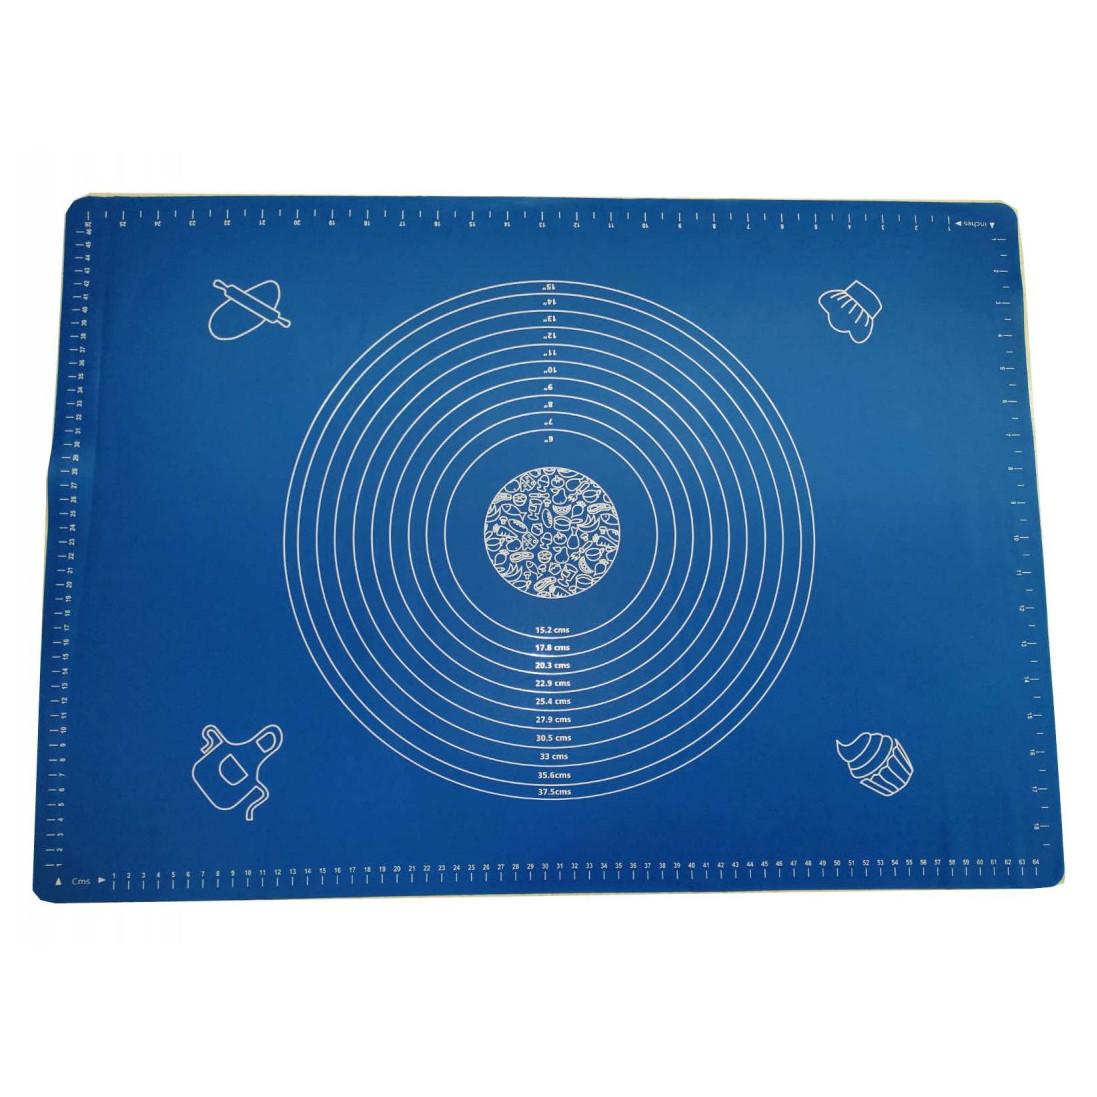 Силиконовый коврик 50 х 40 см Синий